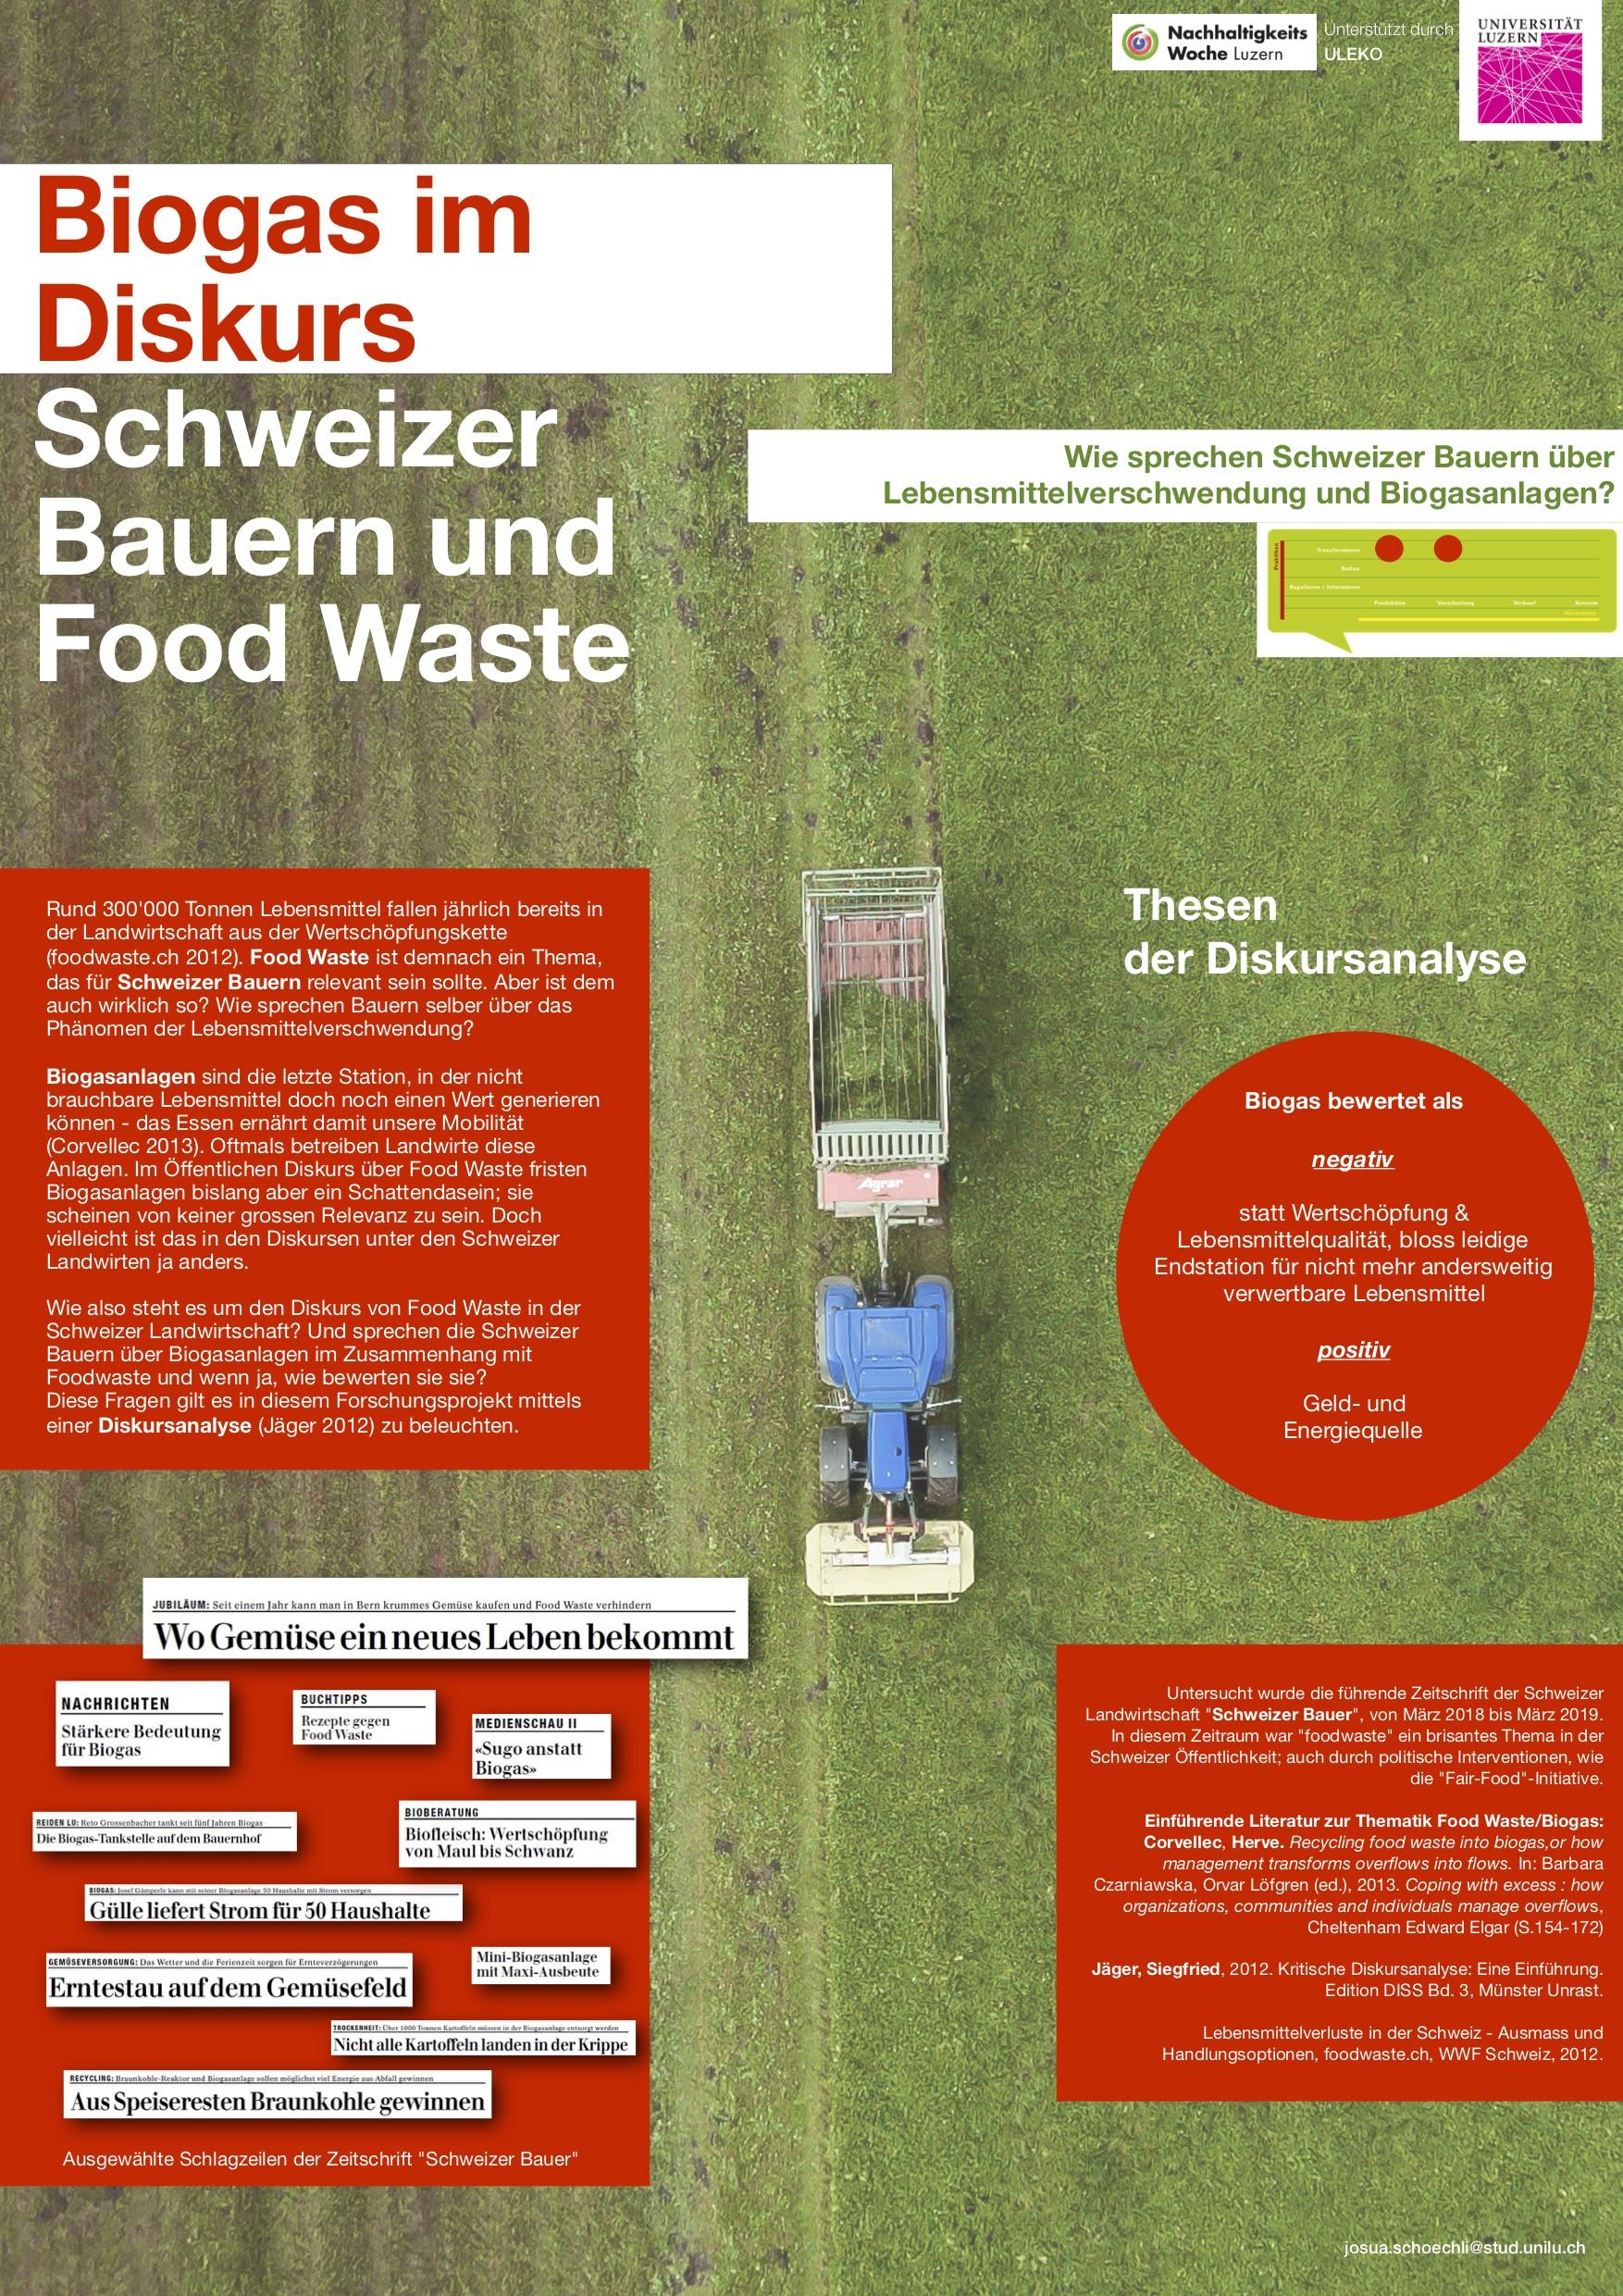 5Schweizer_Bauern_und_Food_Waste_Josua_S